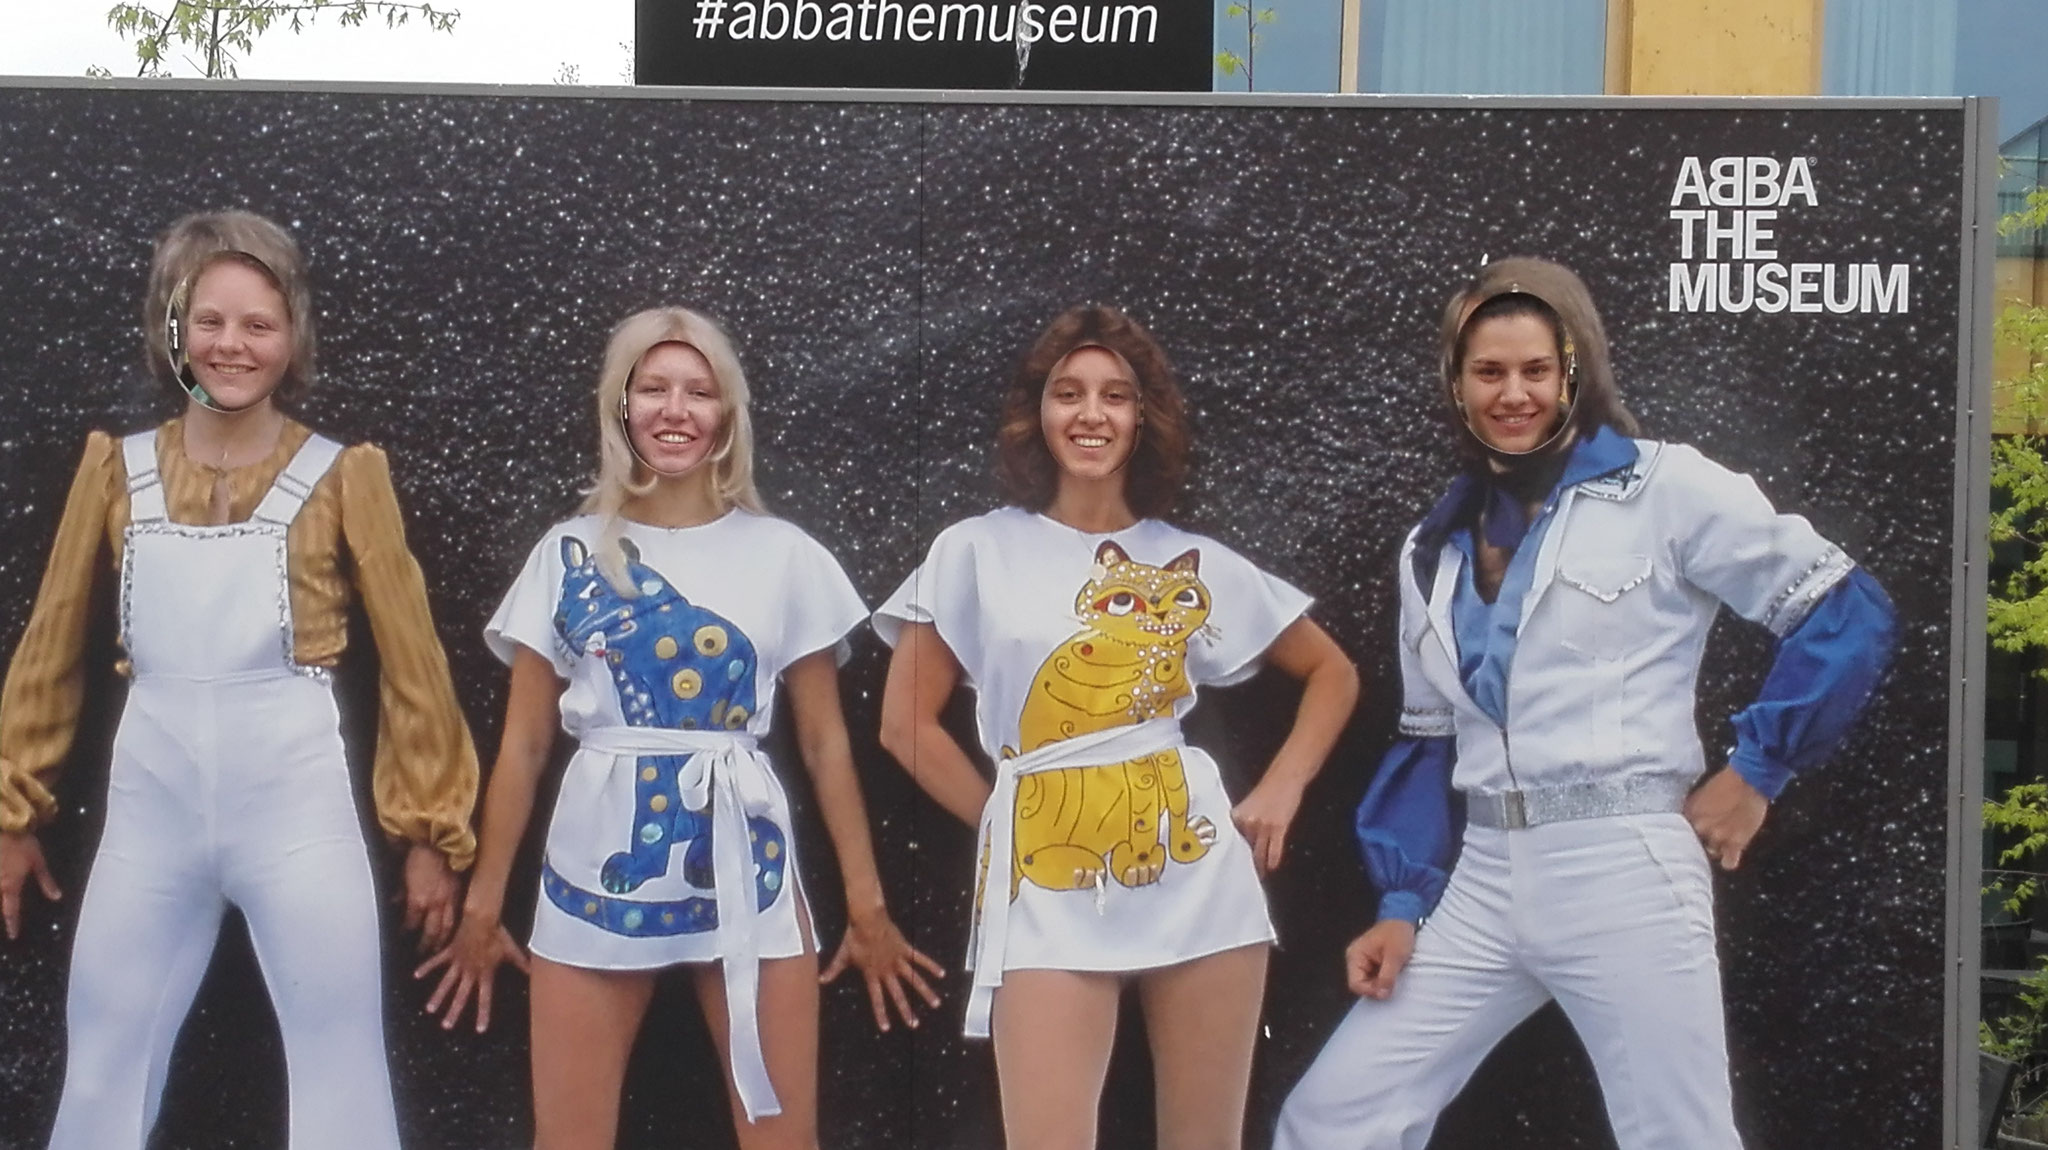 Maris Lohmöller, Anne Hemken, Raphaela Polk und Matea Renic beim Besuch des ABBA-Museums in Stockholm